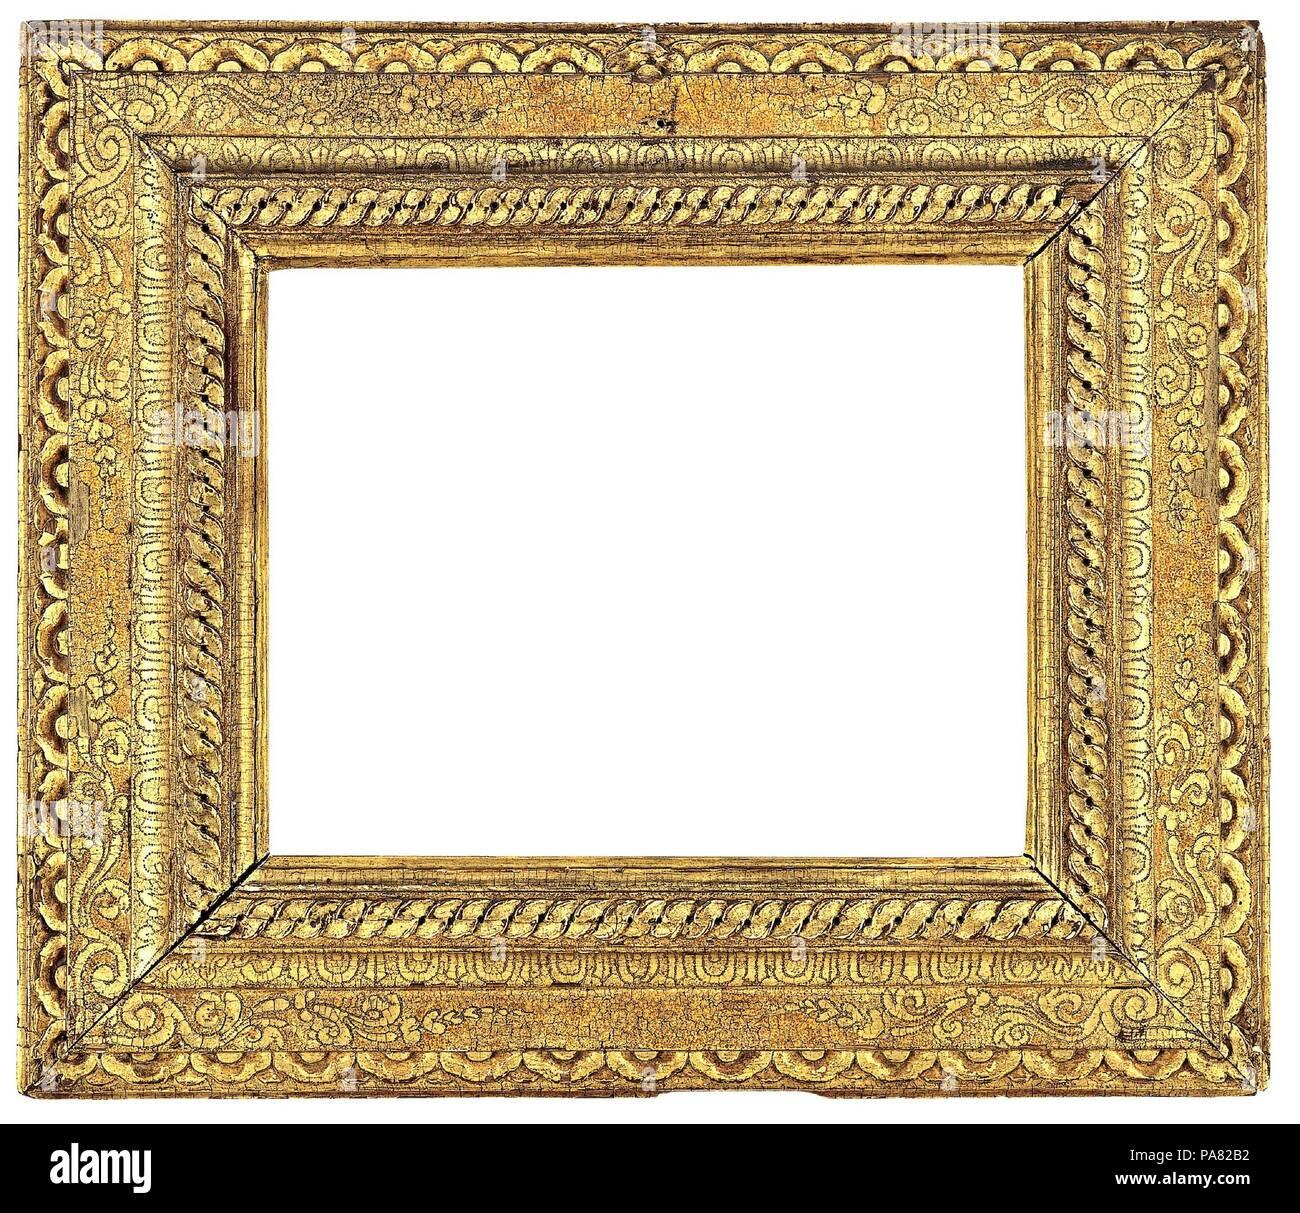 Spanish Influence Stock Photos & Spanish Influence Stock Images - Alamy